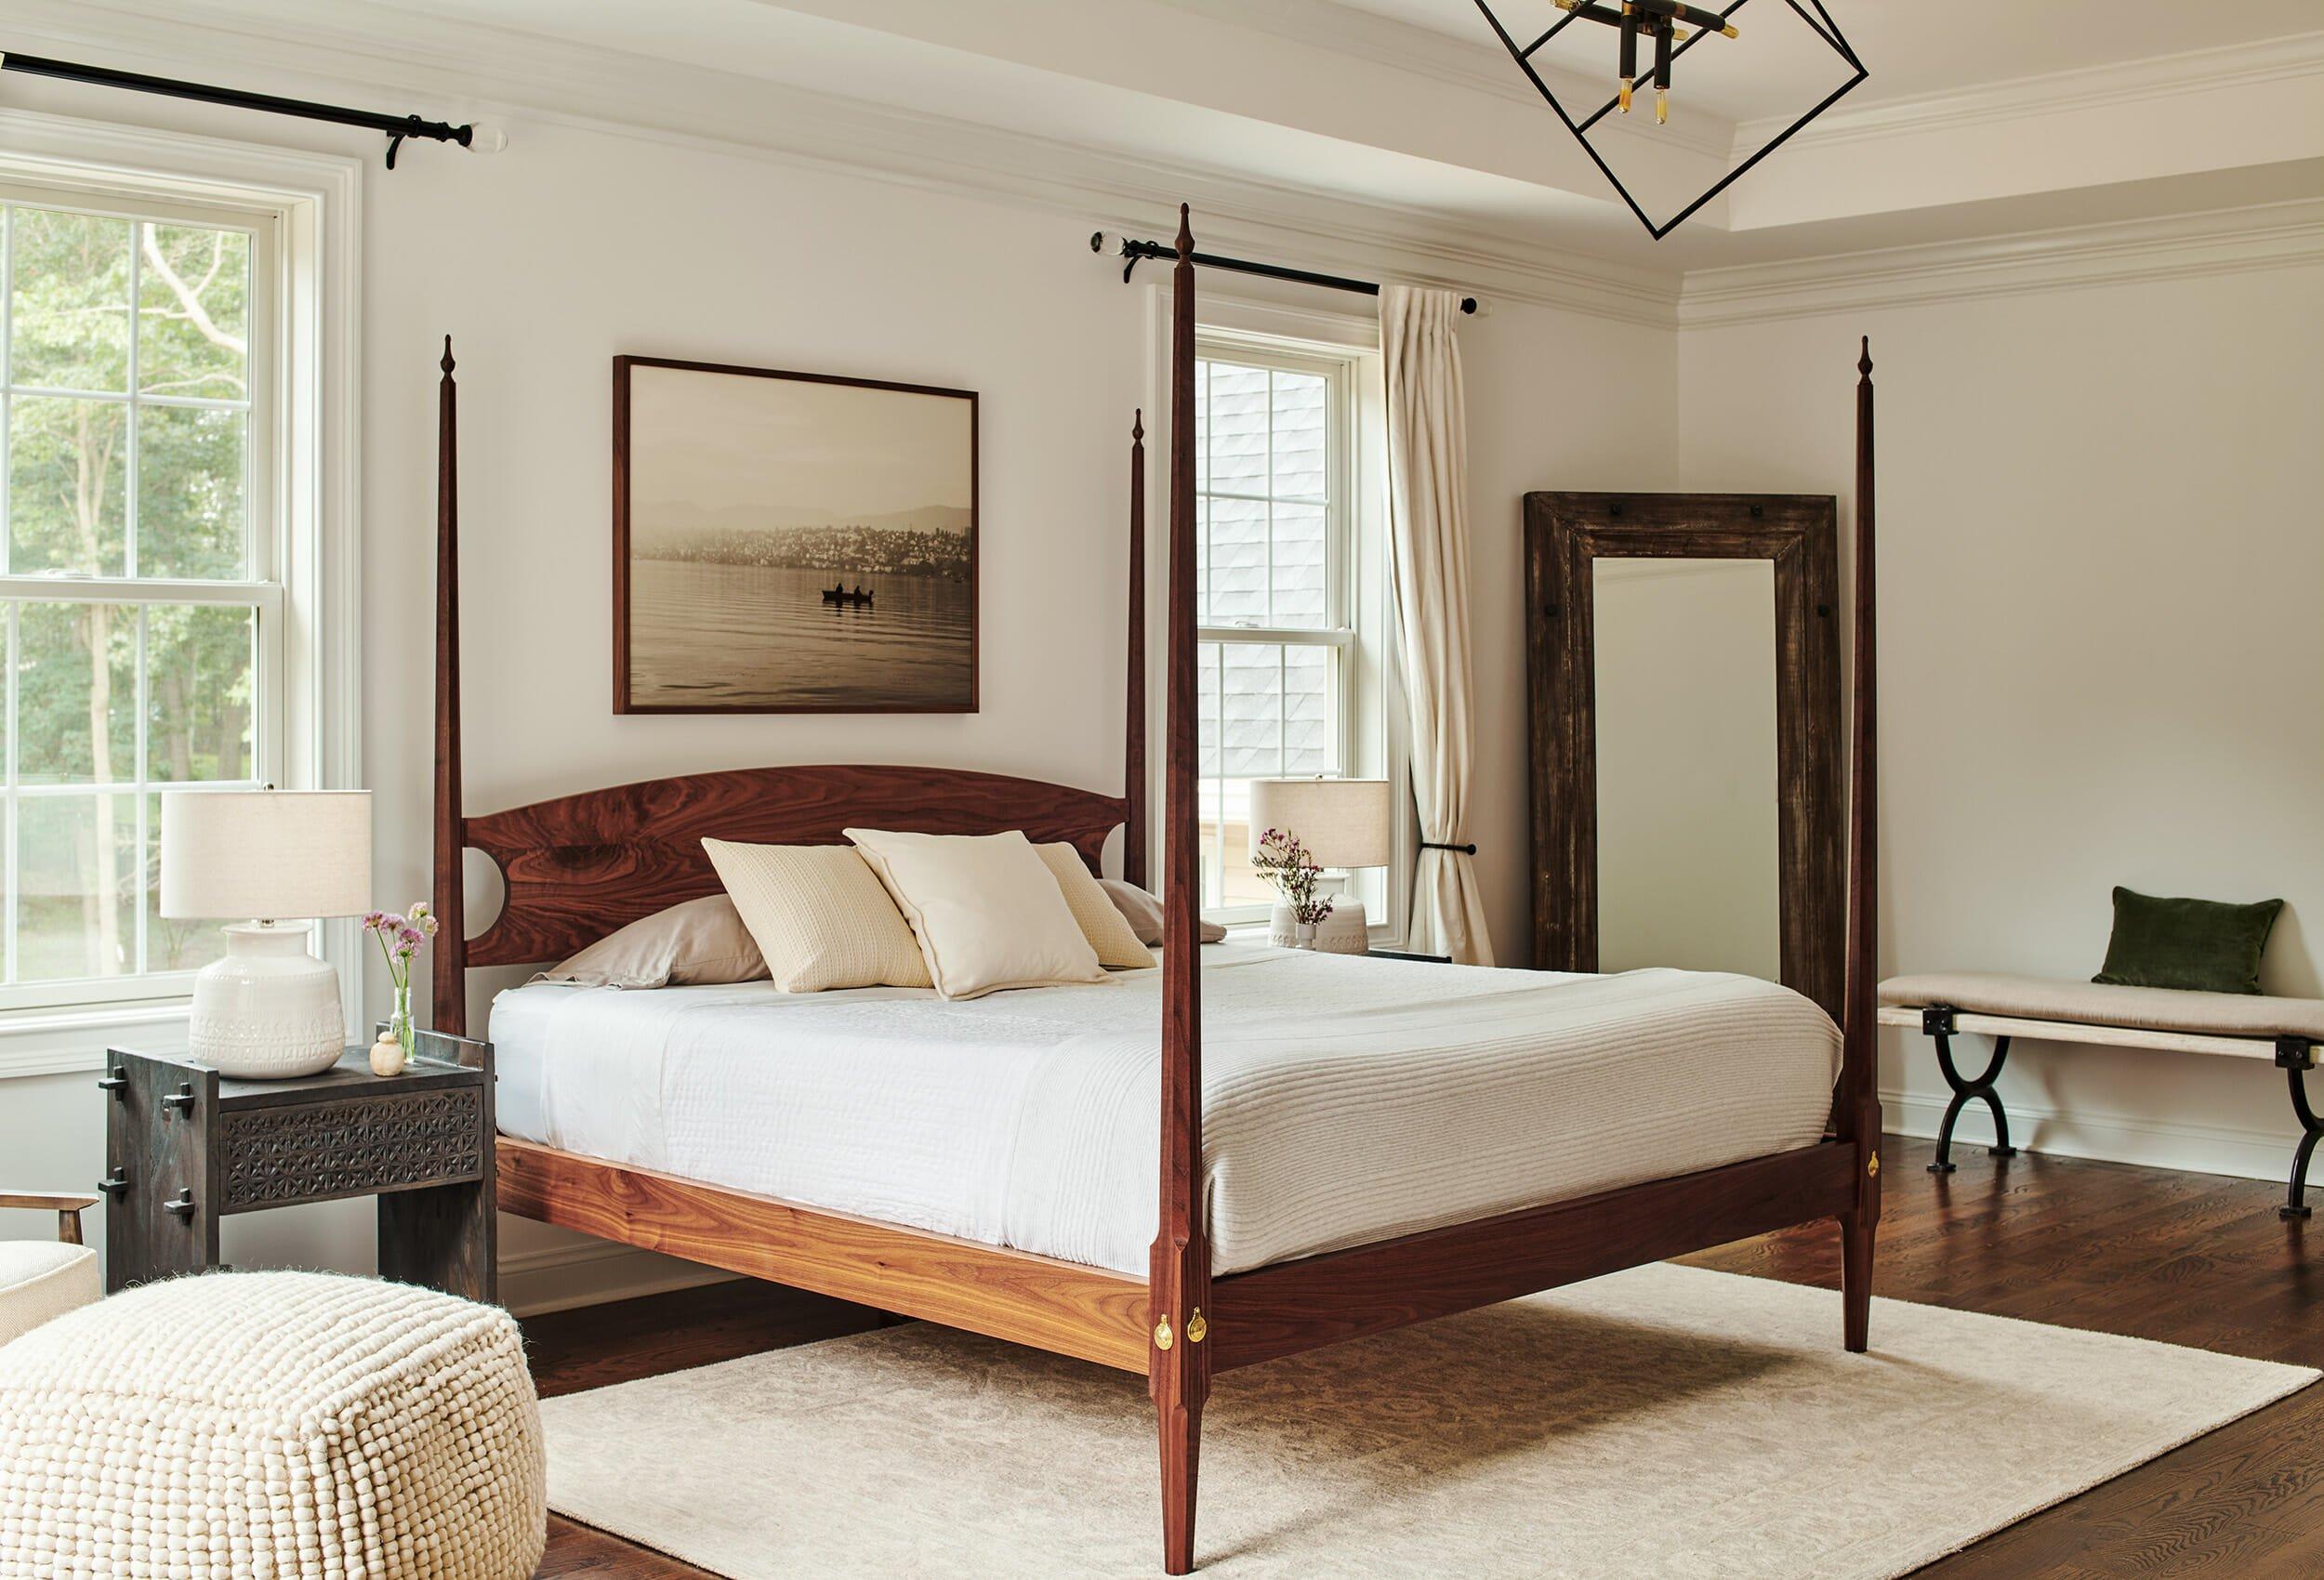 lighting for modern farmhouse bedroom decor